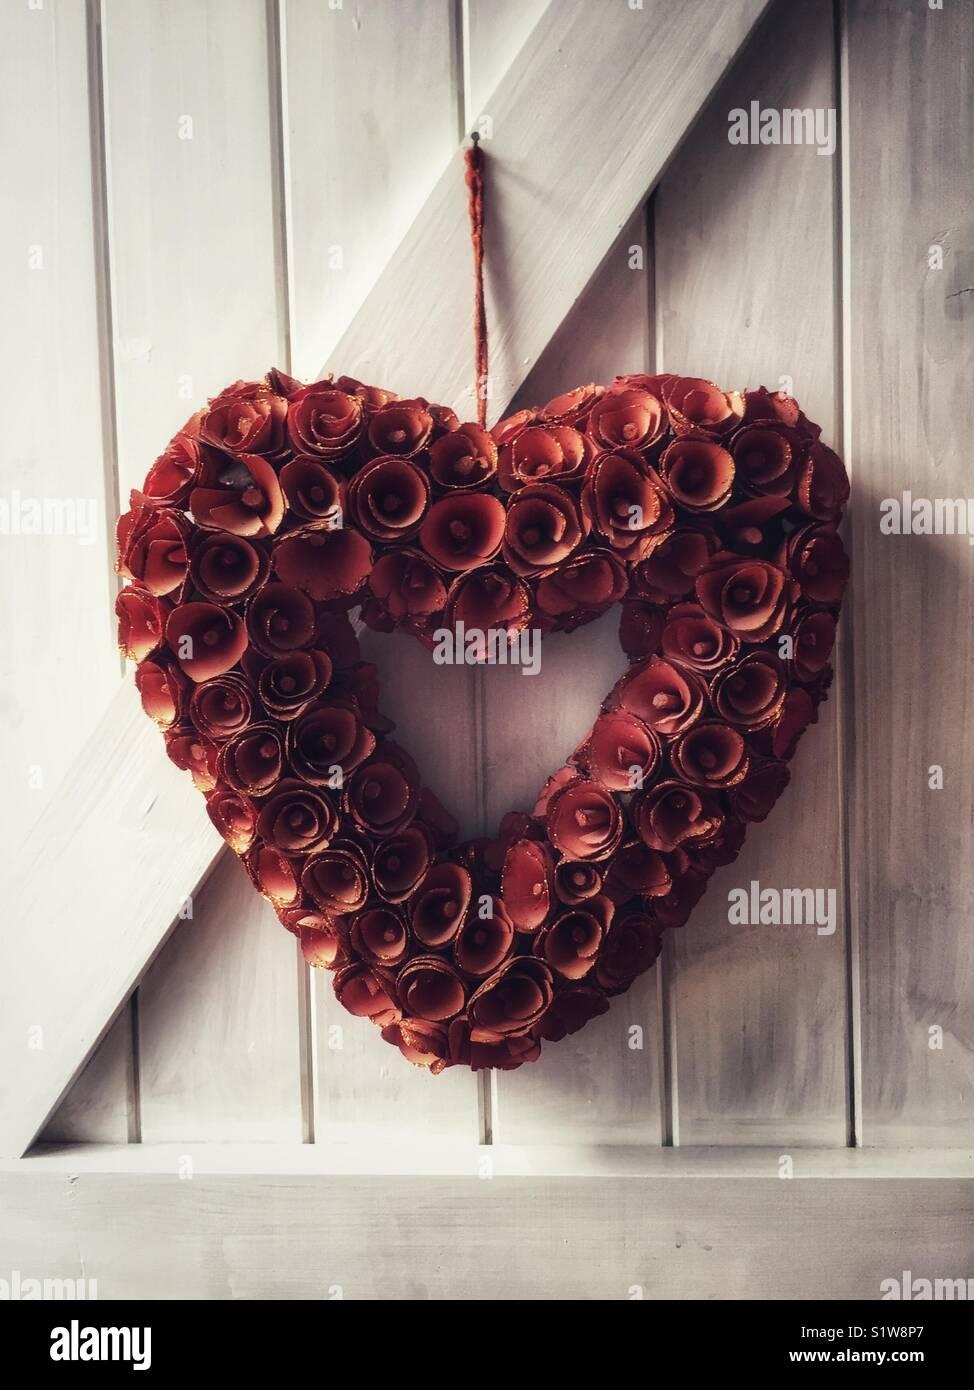 coeur de fleurs forme de coeur amour rouge form de fleurs l 39 amour et la romance ou le symbole. Black Bedroom Furniture Sets. Home Design Ideas